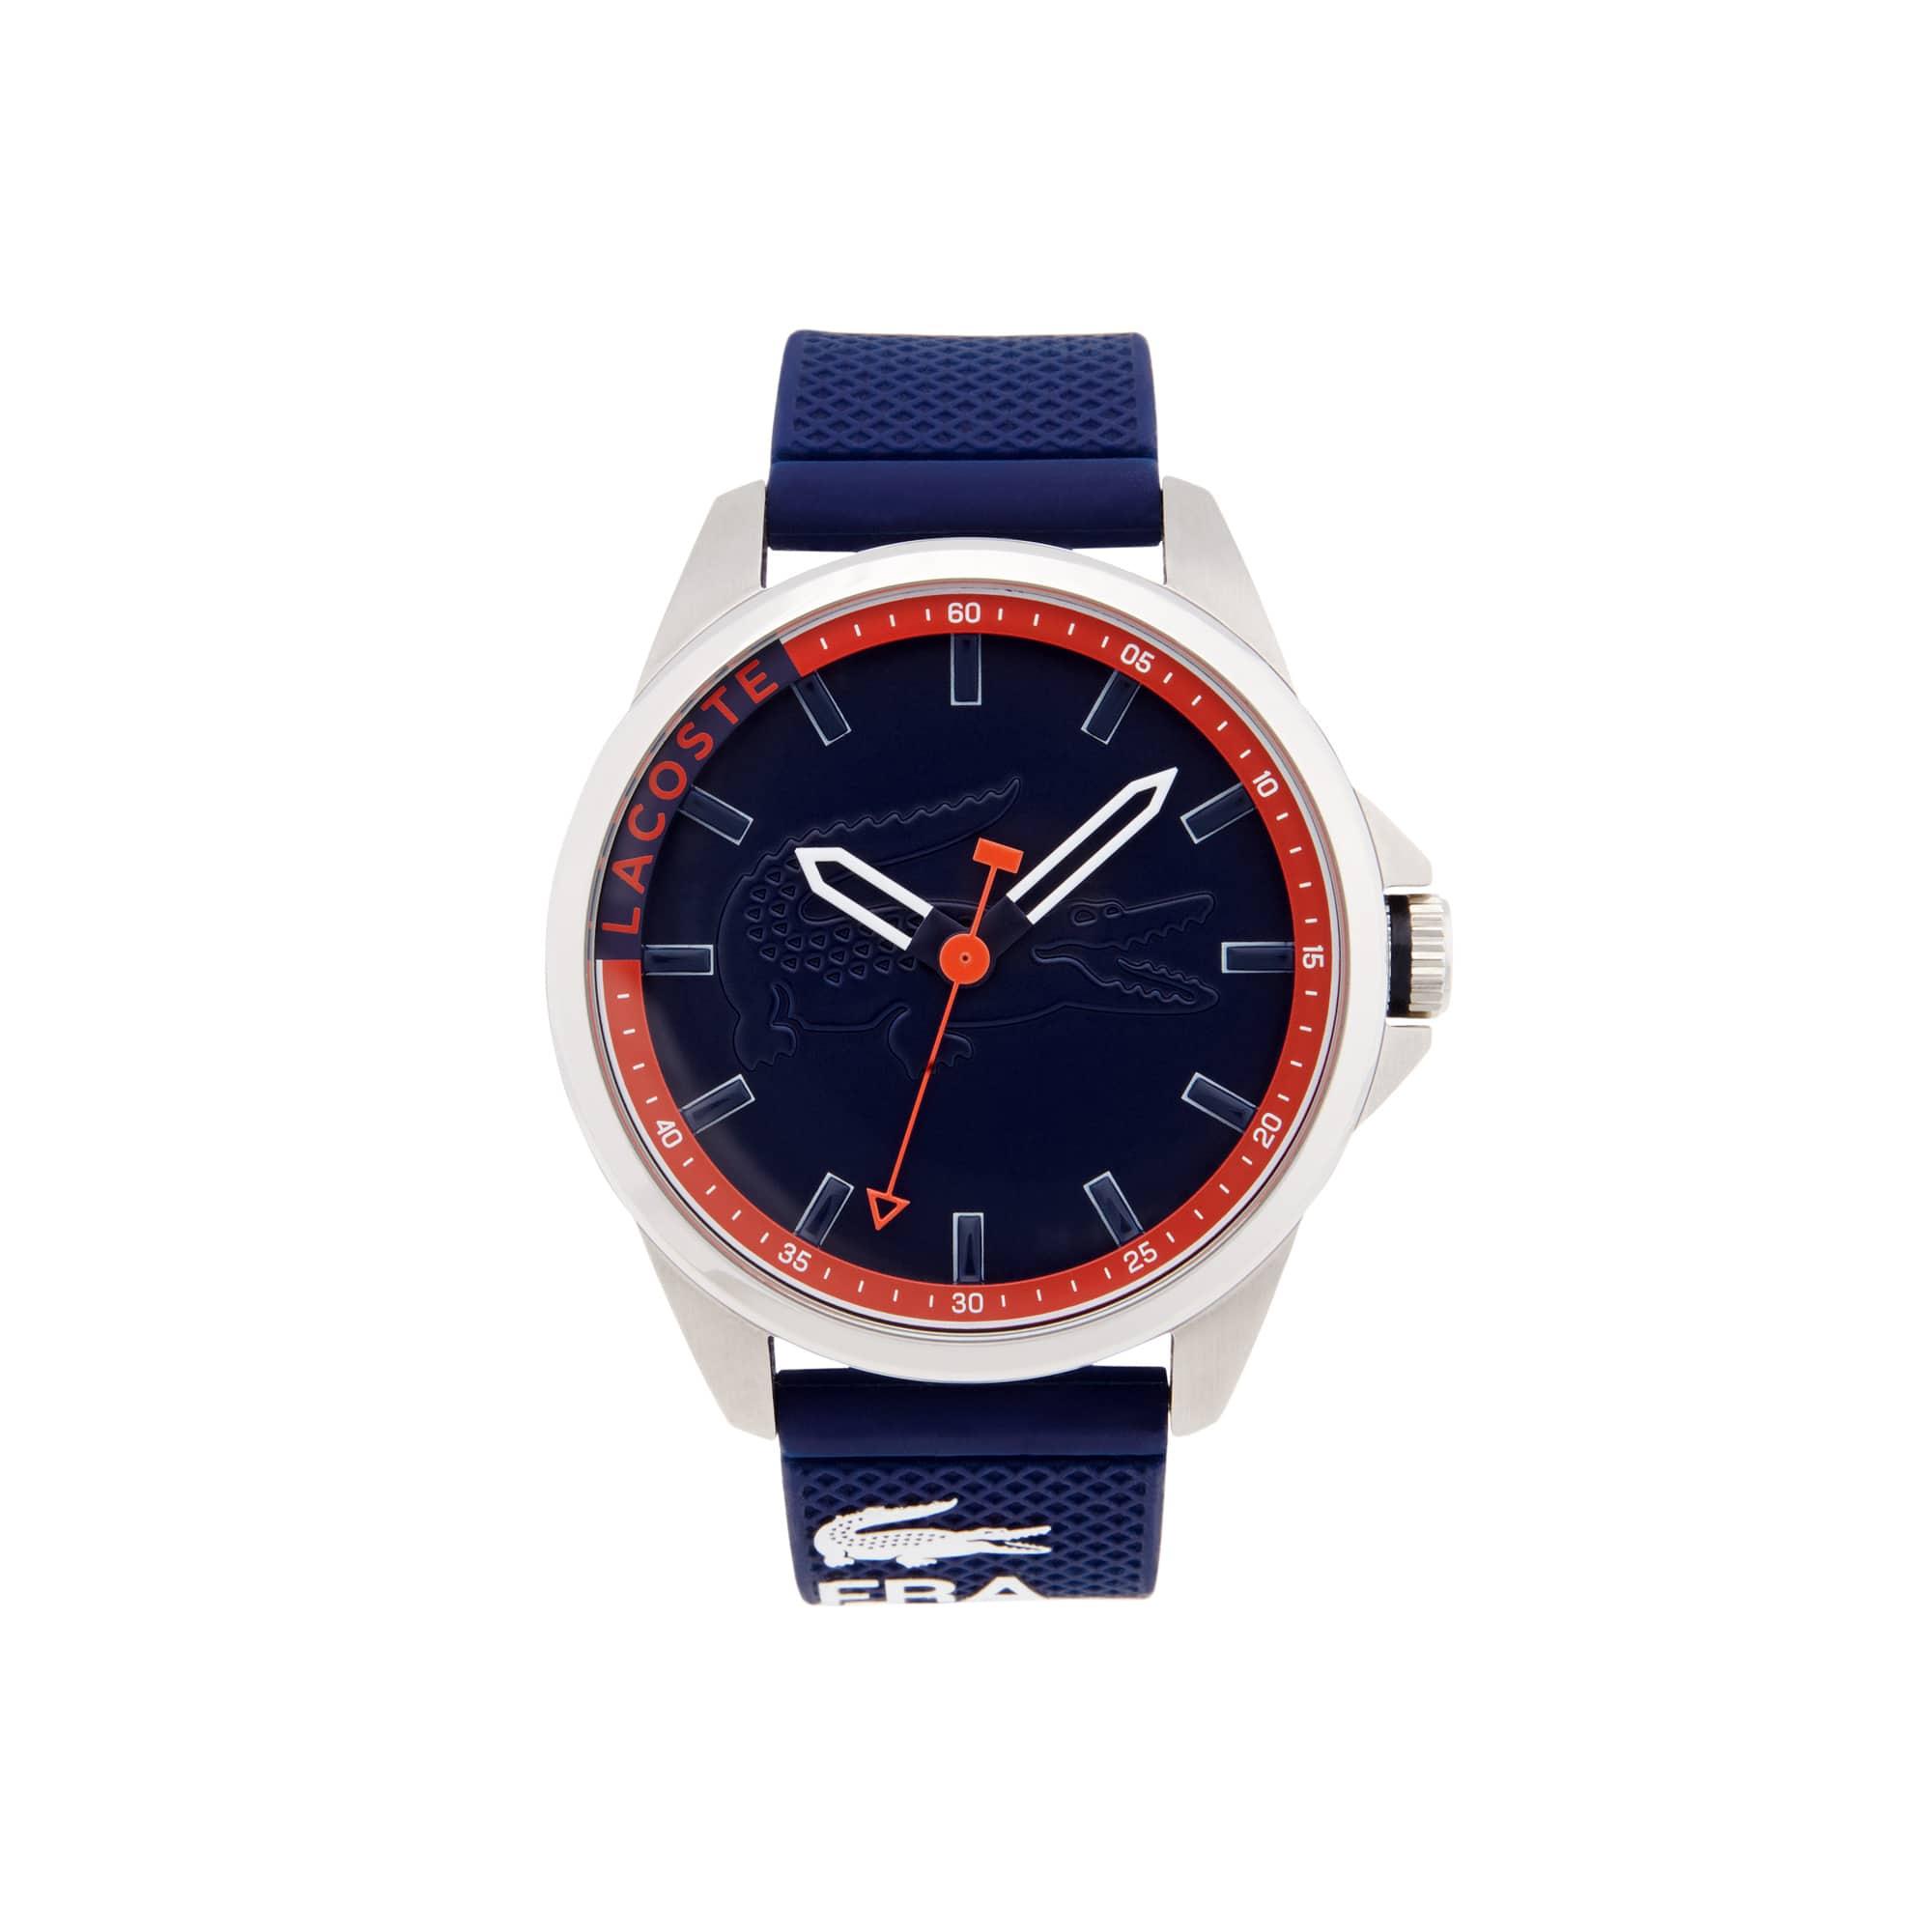 Relógio Capbreton Homem com Bracelete em Silicone Preto